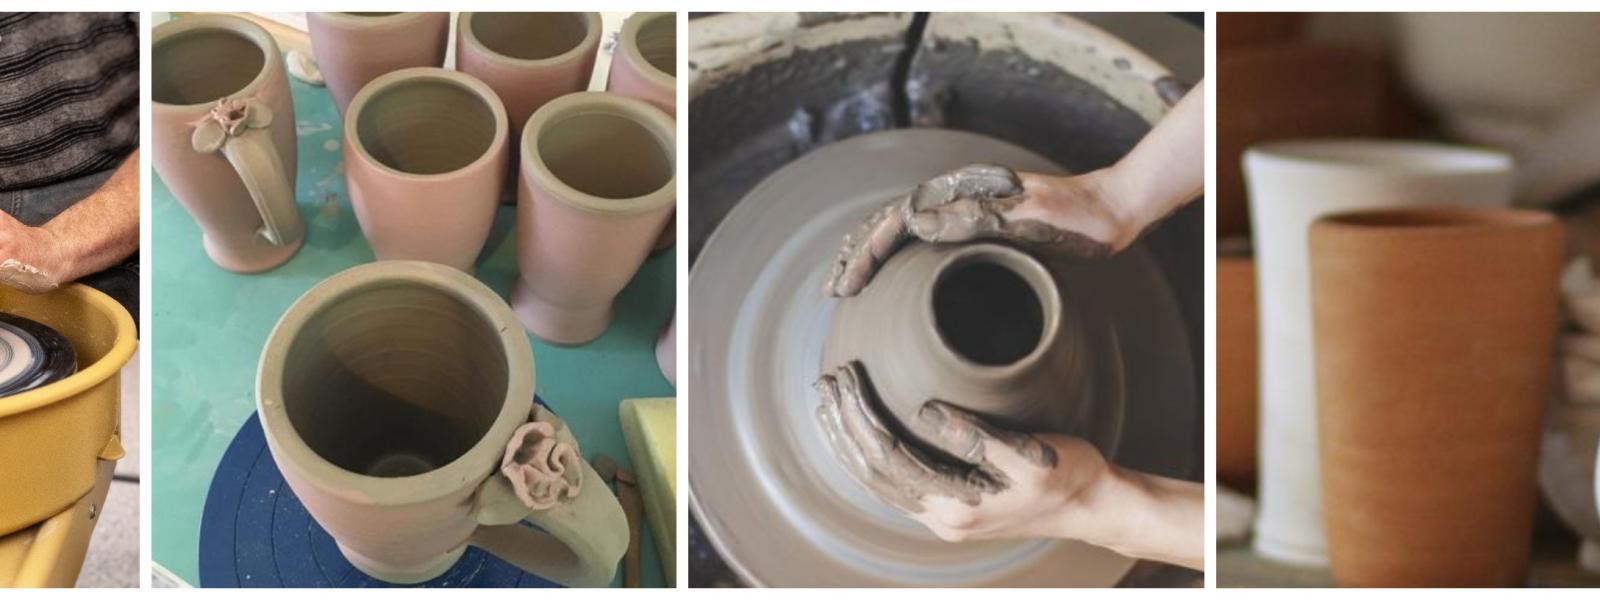 Banner for Ceramics Studio Classes